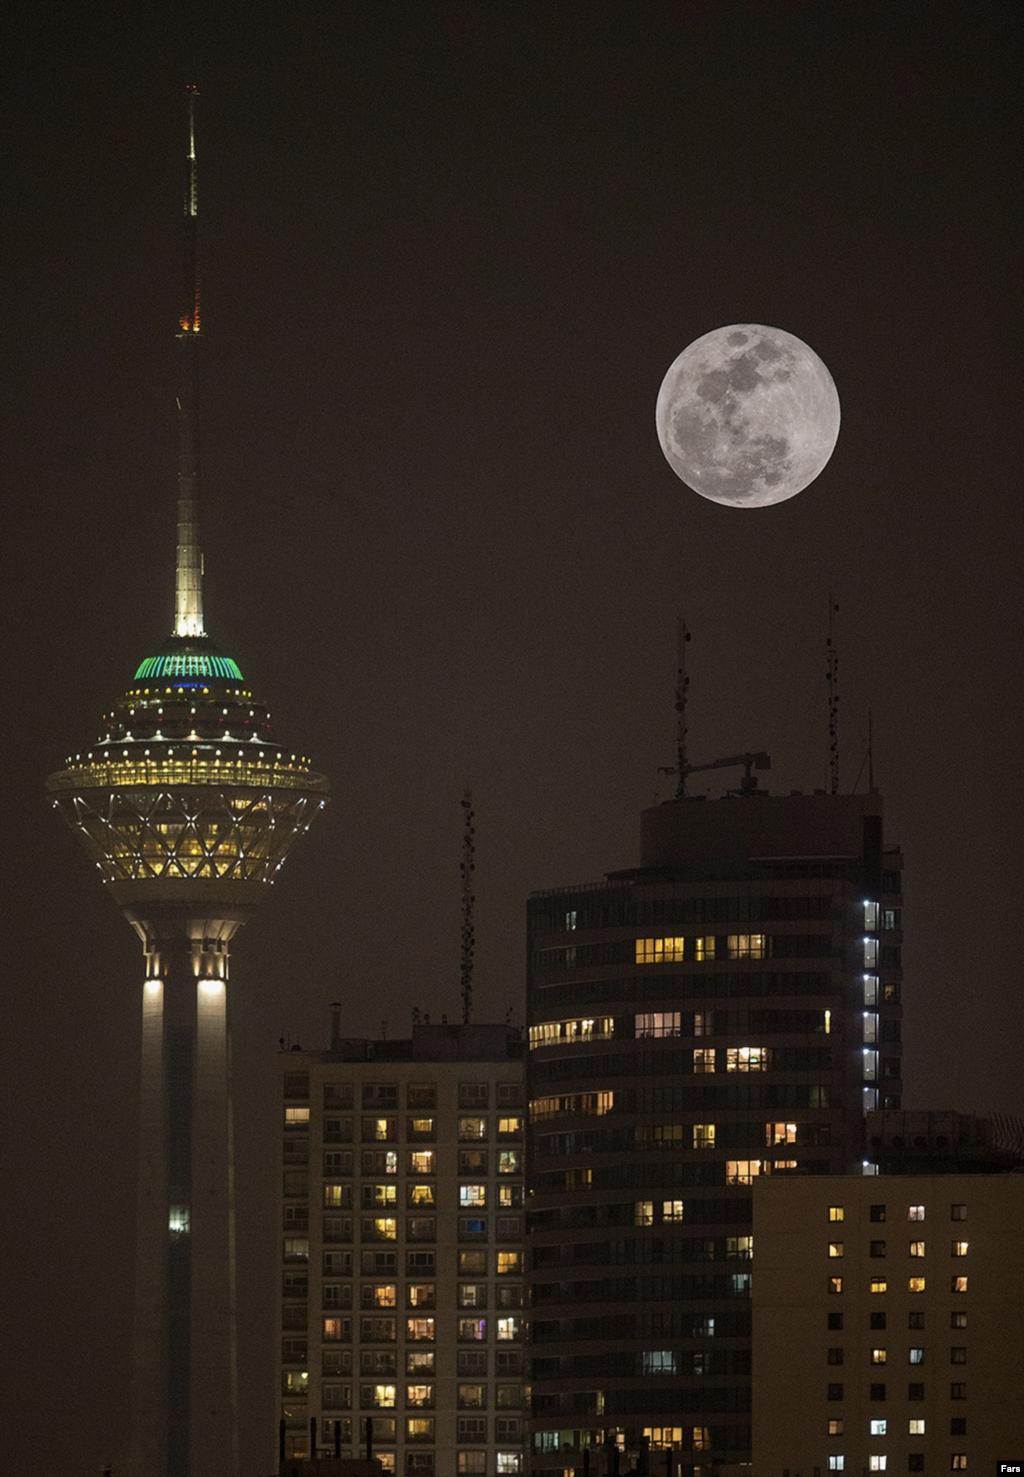 ماهگرفتگی آبی بر فراز آسمان برج میلاد تهران عکس: محسن عطایی